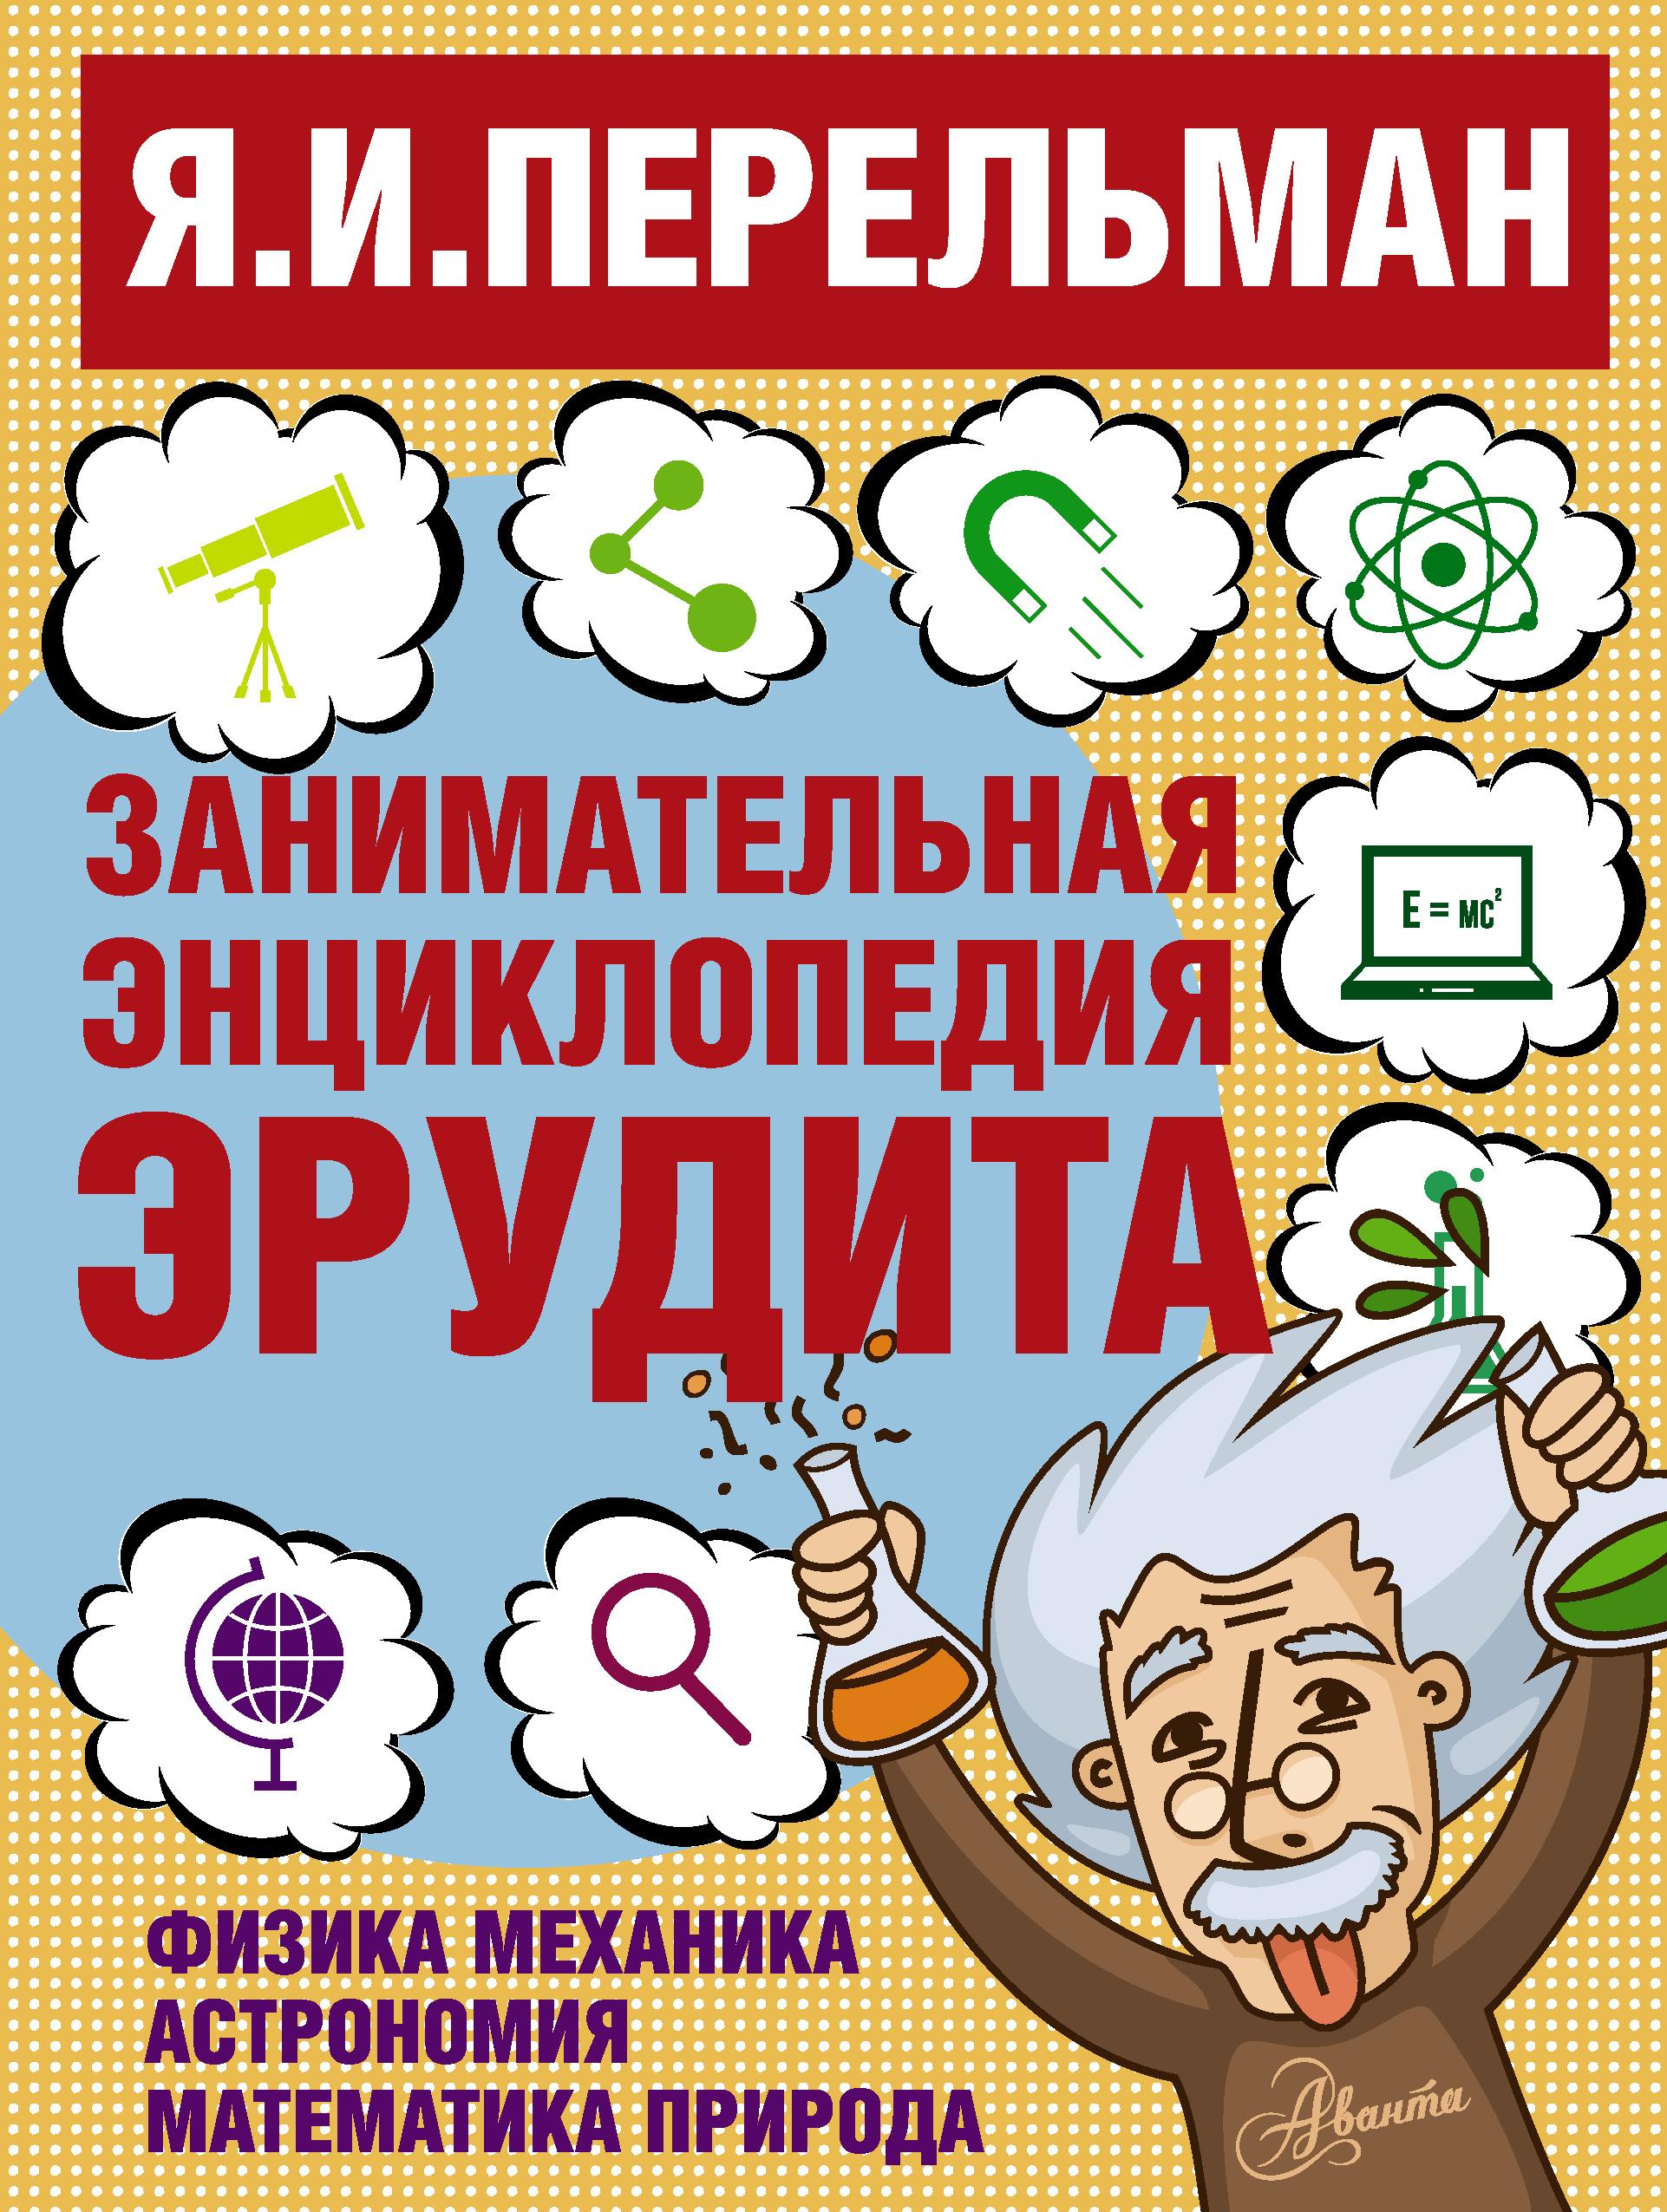 Занимательная энциклопедия эрудита